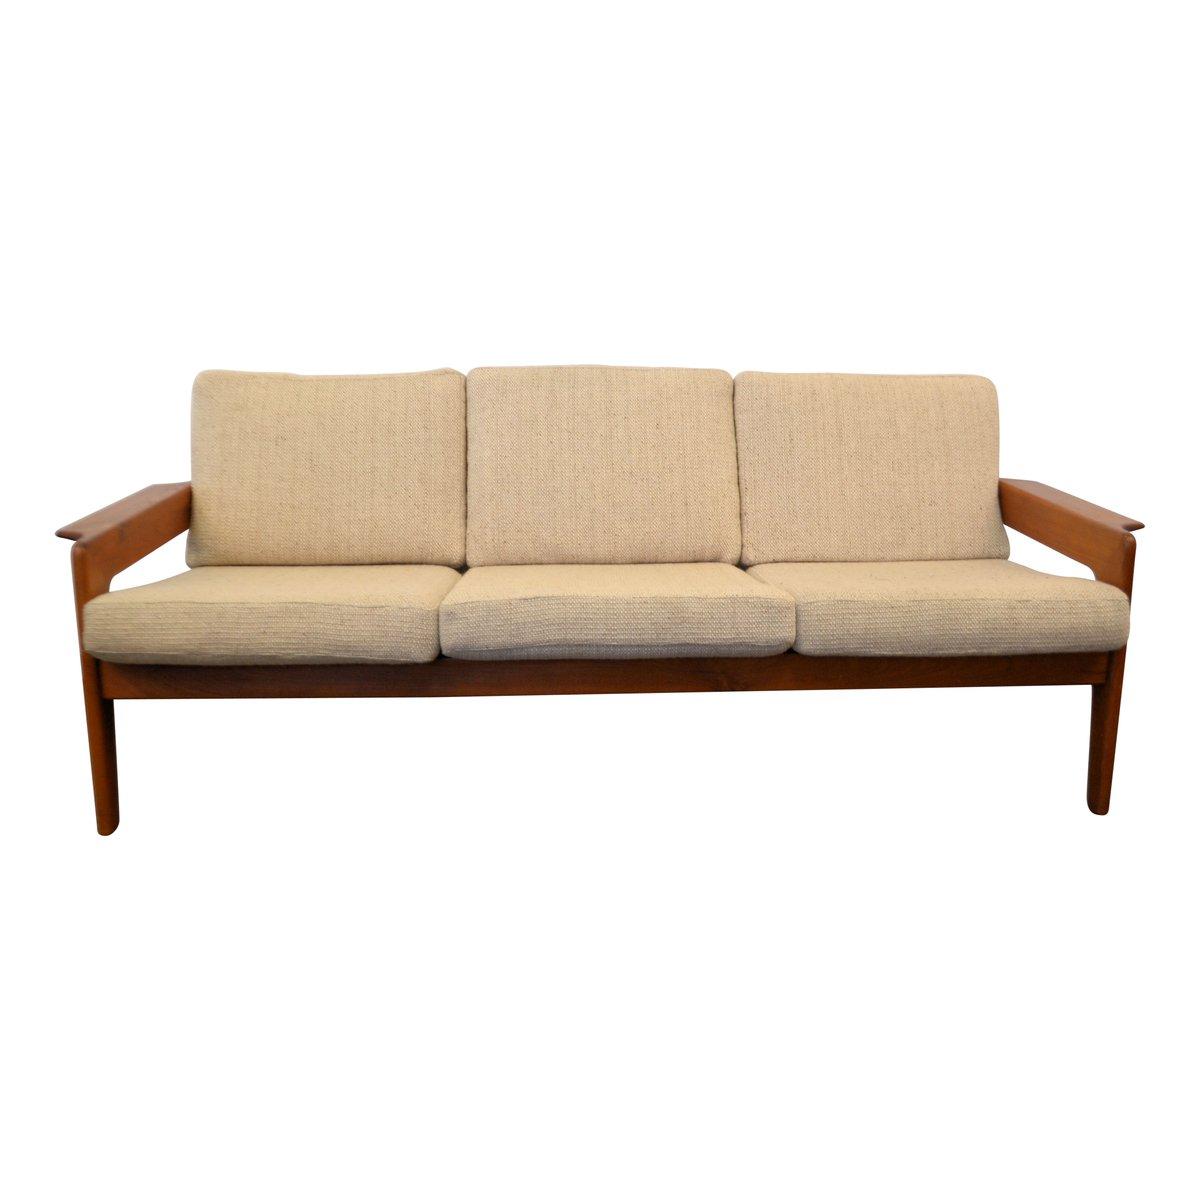 vintage danish teak frame sofa by arne wahl iversen for komfort - Vintage Sofa